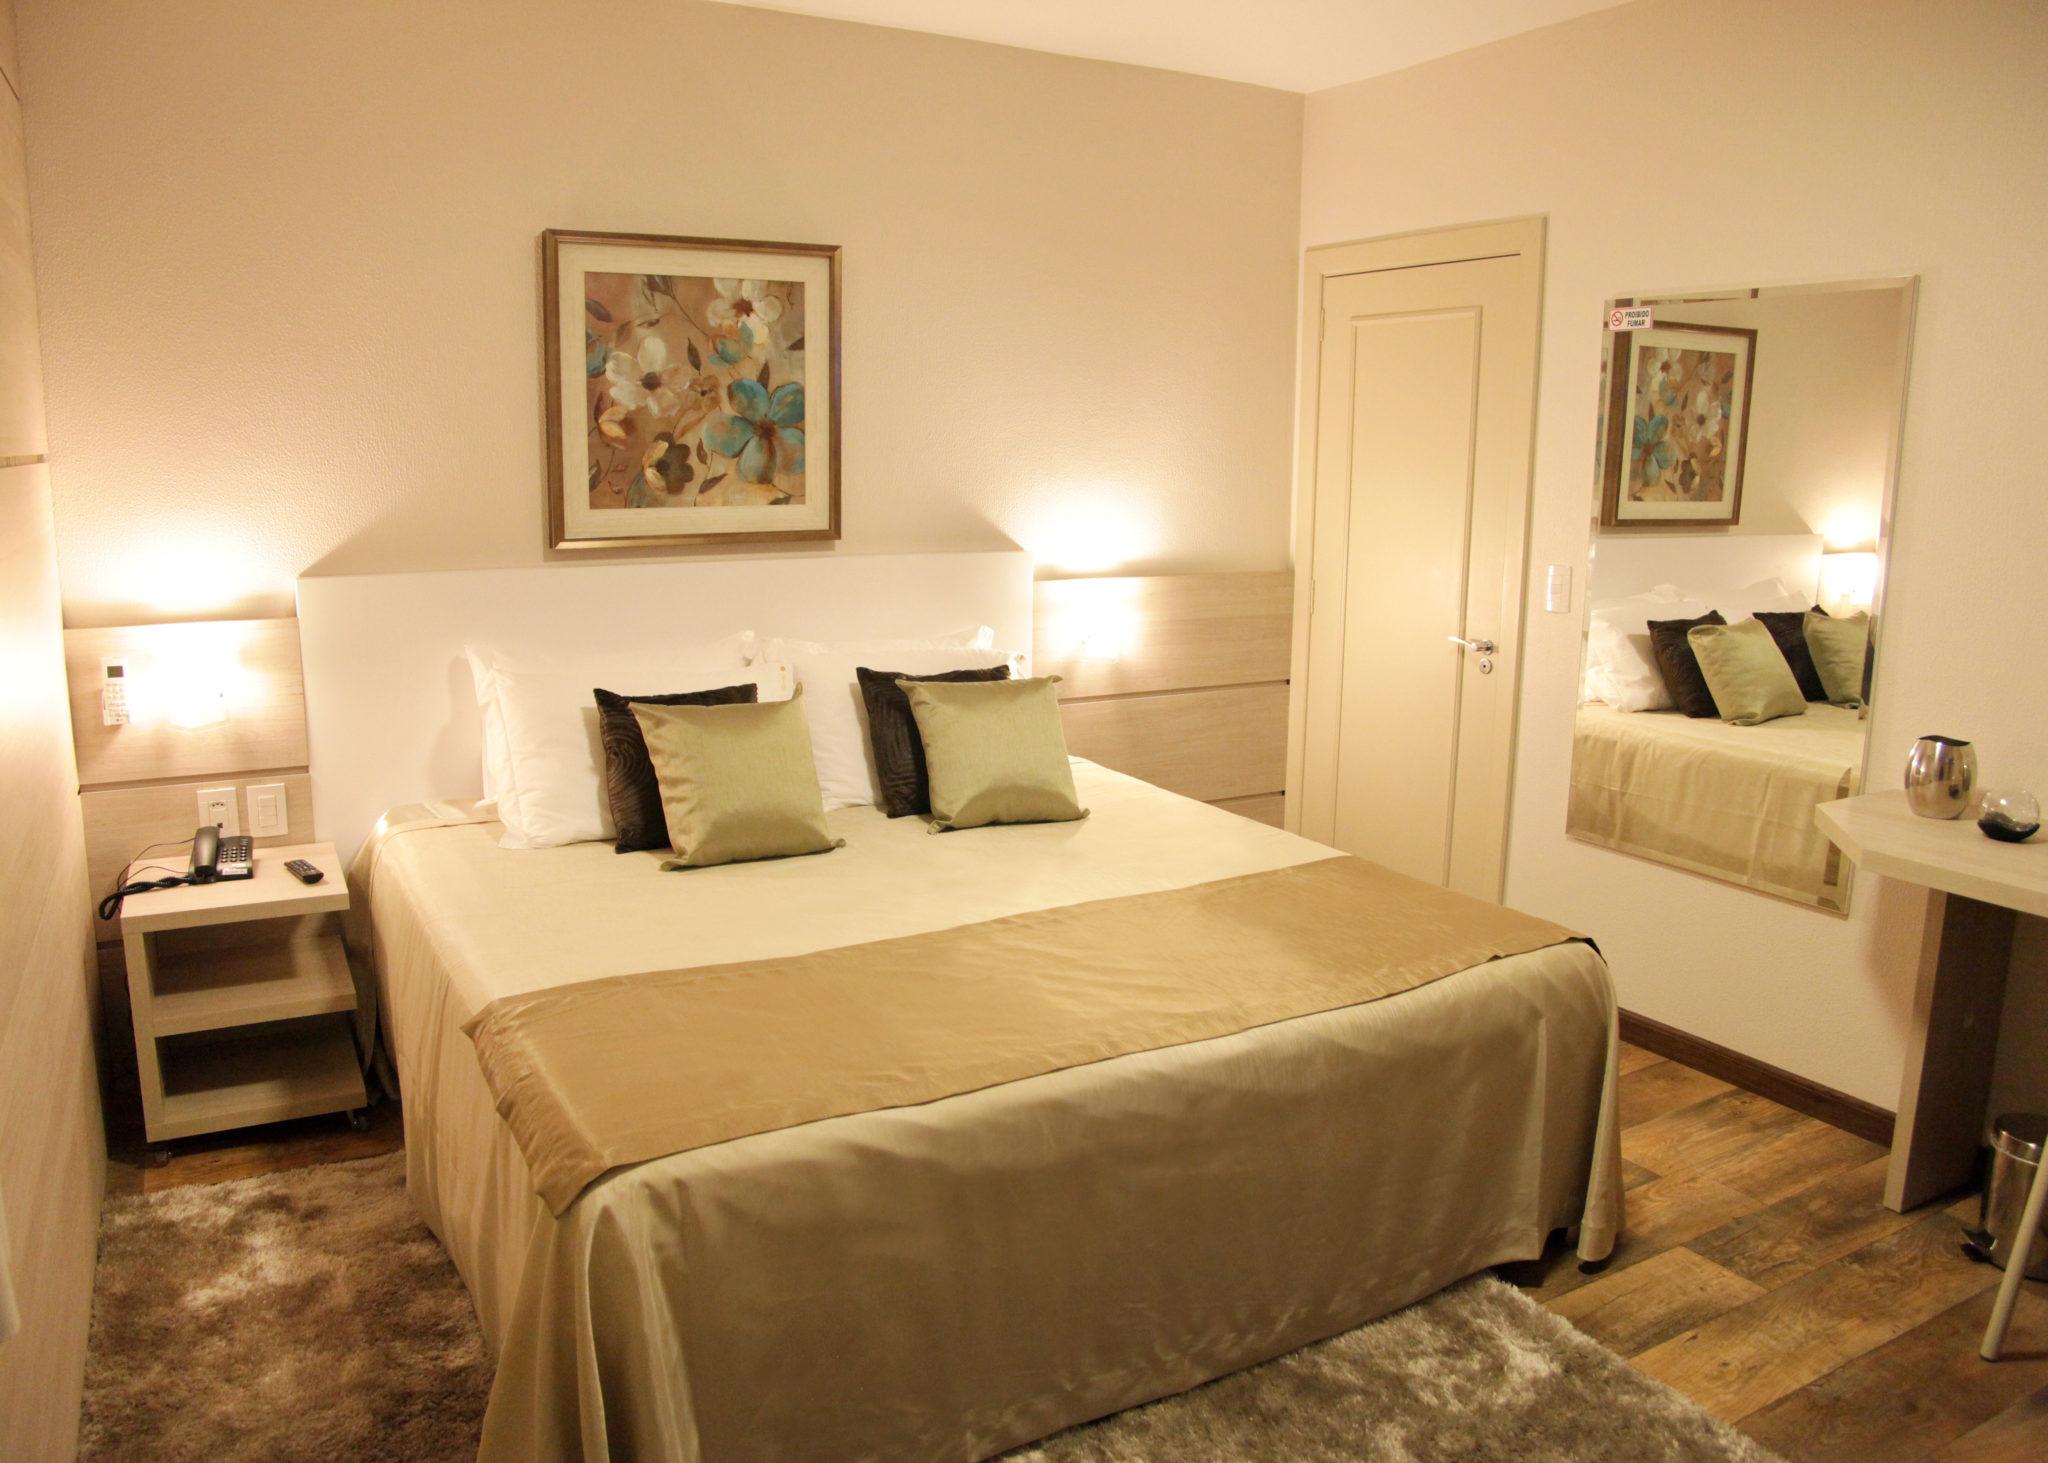 Di Capri o melhor hotel 3 estrelas do Brasil